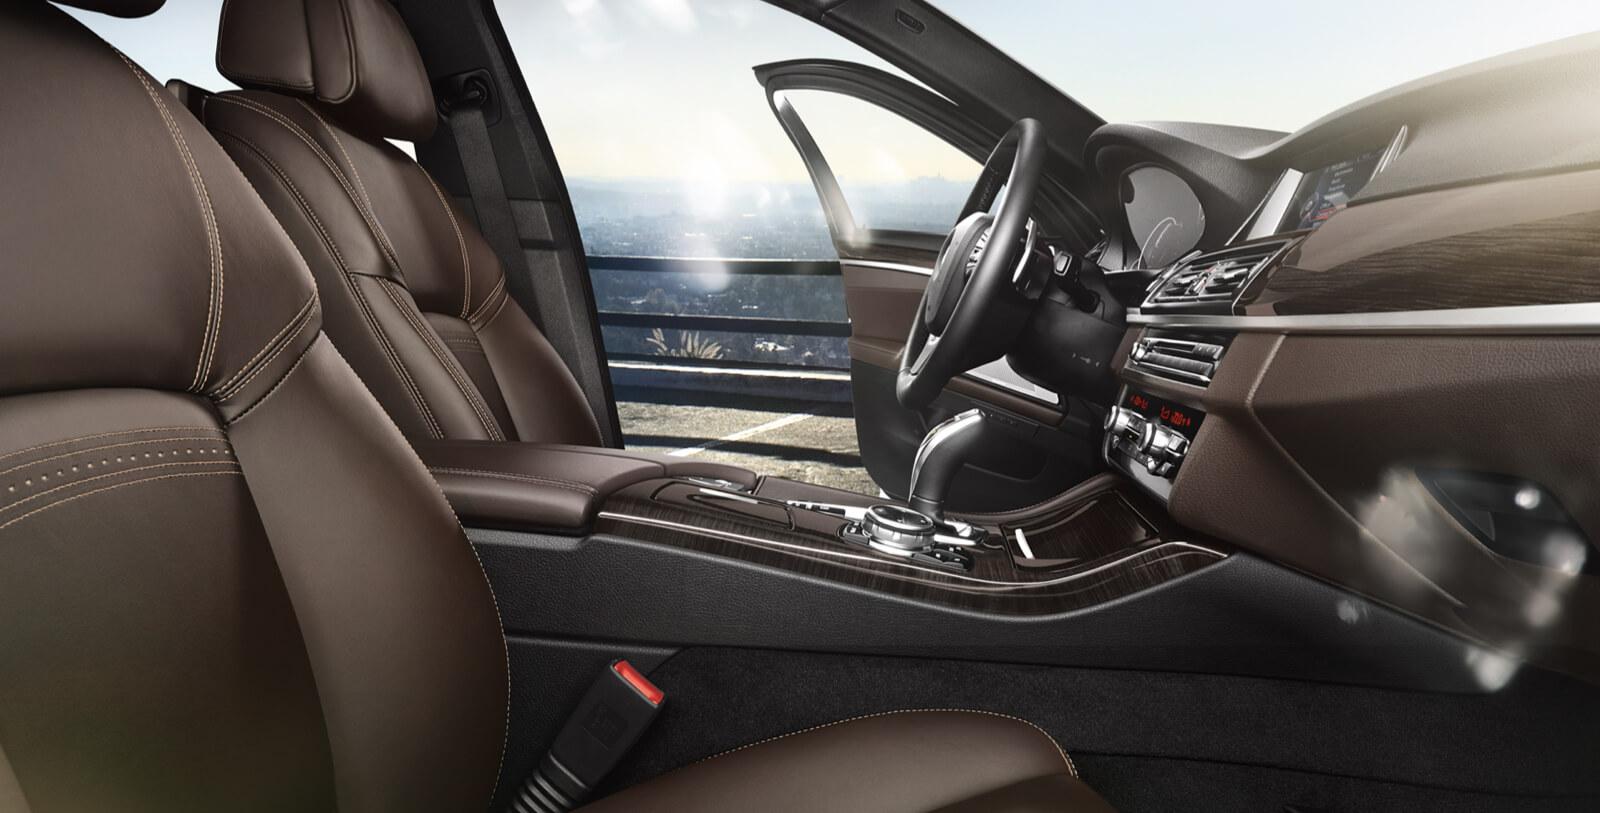 BMW_5Series_Sedan-BM4